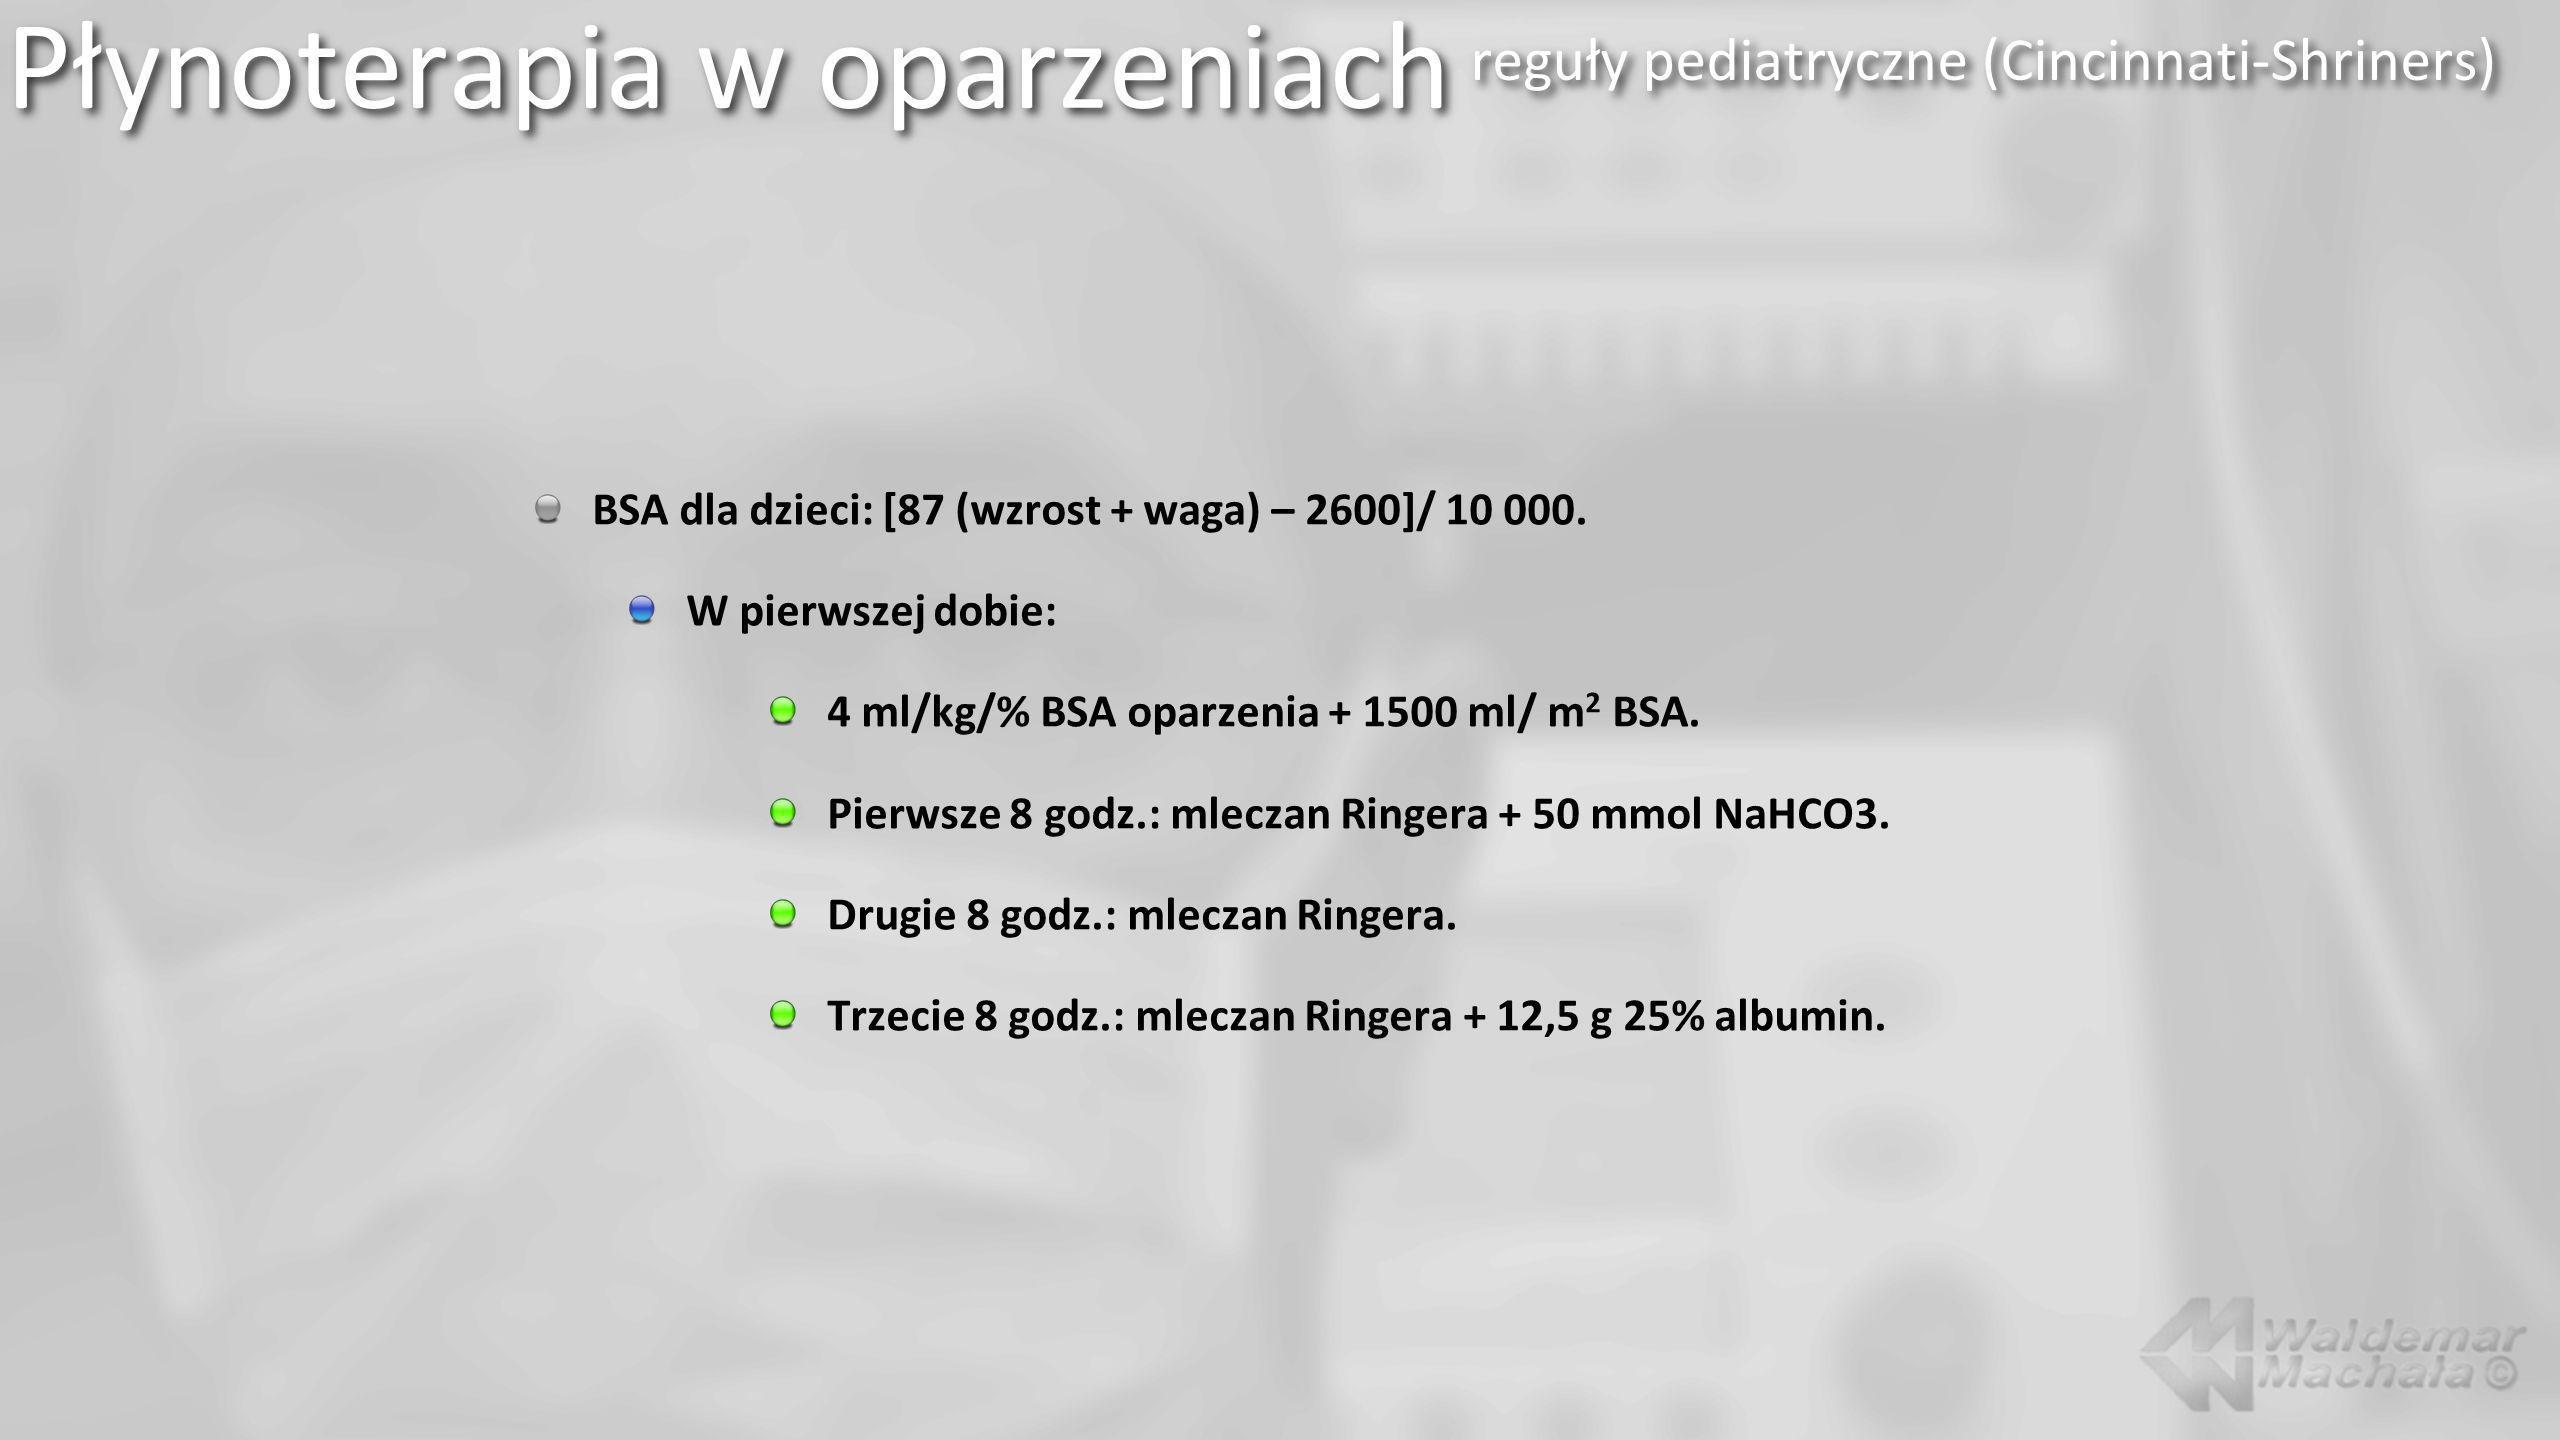 BSA dla dzieci: [87 (wzrost + waga) – 2600]/ 10 000. W pierwszej dobie: 4 ml/kg/% BSA oparzenia + 1500 ml/ m 2 BSA. Pierwsze 8 godz.: mleczan Ringera